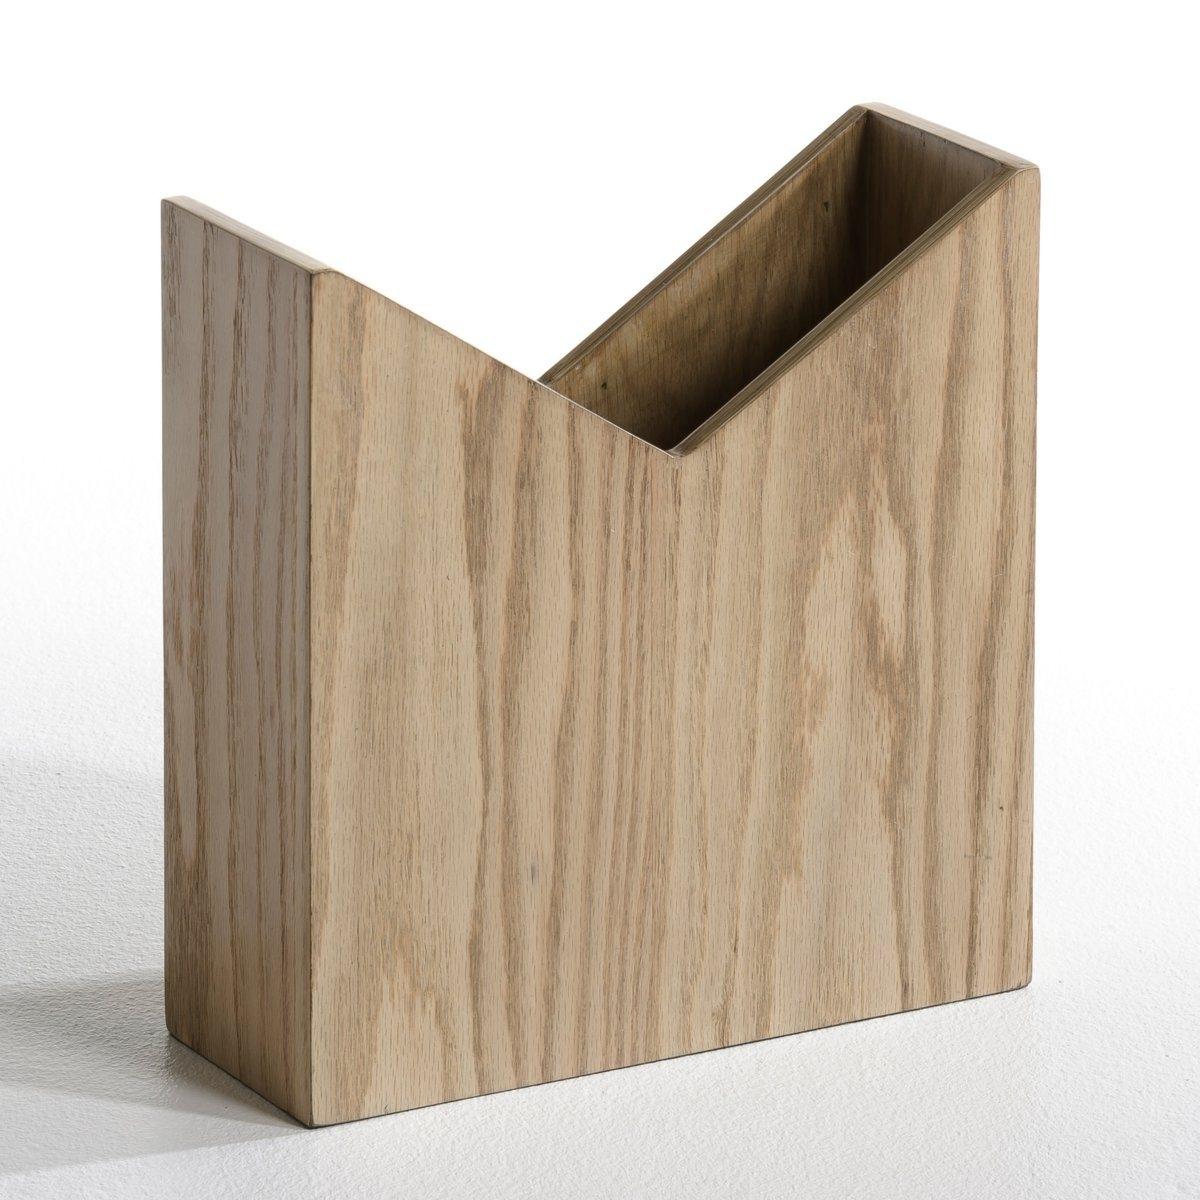 Подставка для почты из фанеры из дуба, DarbyПодставка для почты Darby  . Ваш письменный стол будет выглядеть элегантно... Подставку для папок и и карандашницу можно найти на нашем сайте .Характеристики: : - МДФ, фанера из дуба  . - Грубая отделка . Размеры : - 26,5 x 28 x 11 см.<br><br>Цвет: серо-бежевый<br>Размер: единый размер